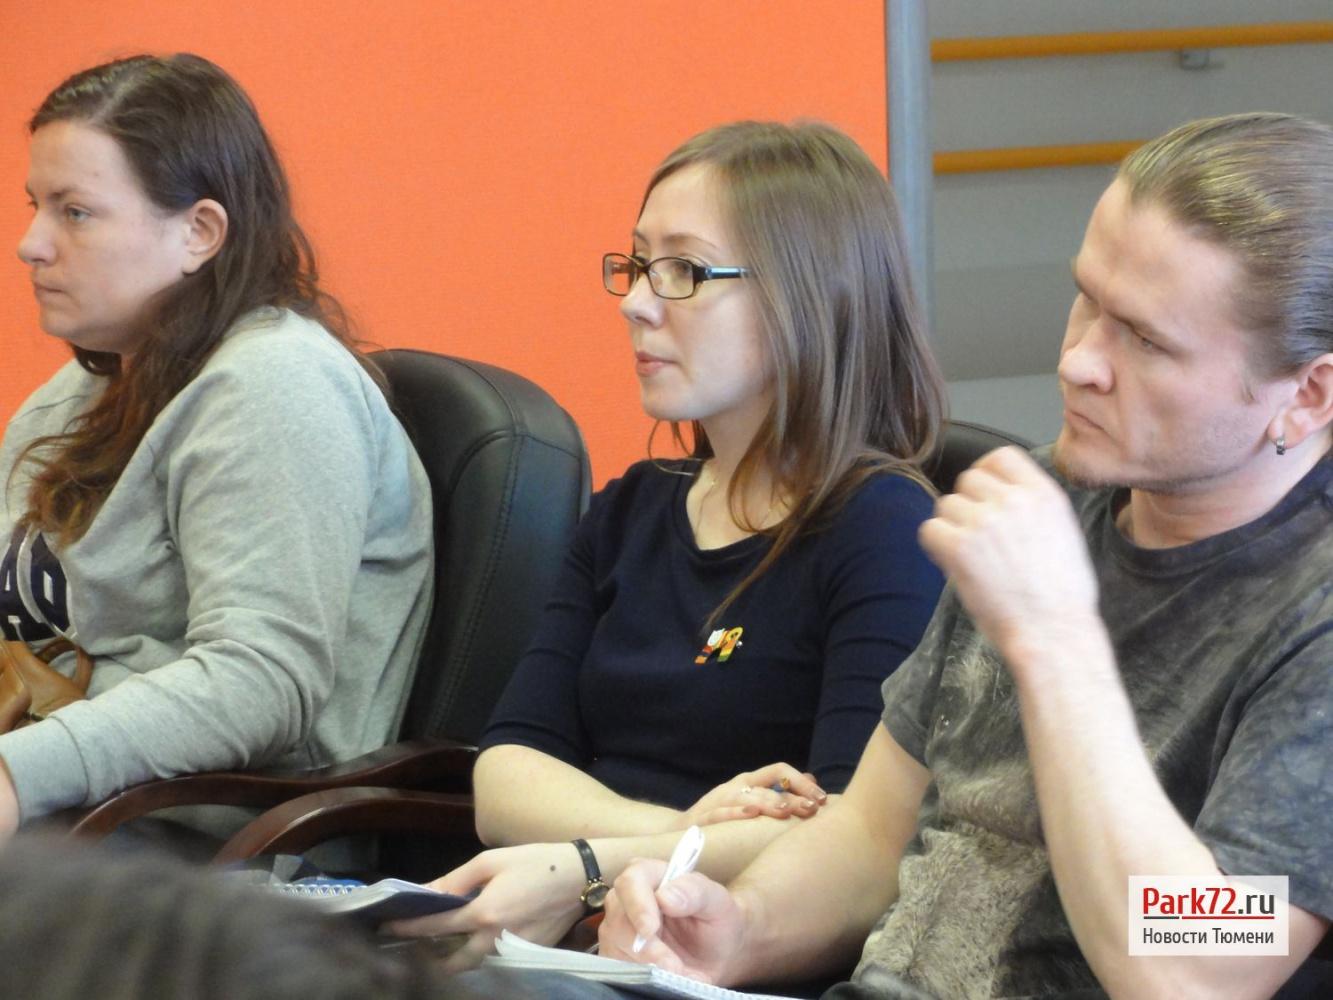 Полина Перепелица, Наталья Плотникова, Михаил Калянов_result